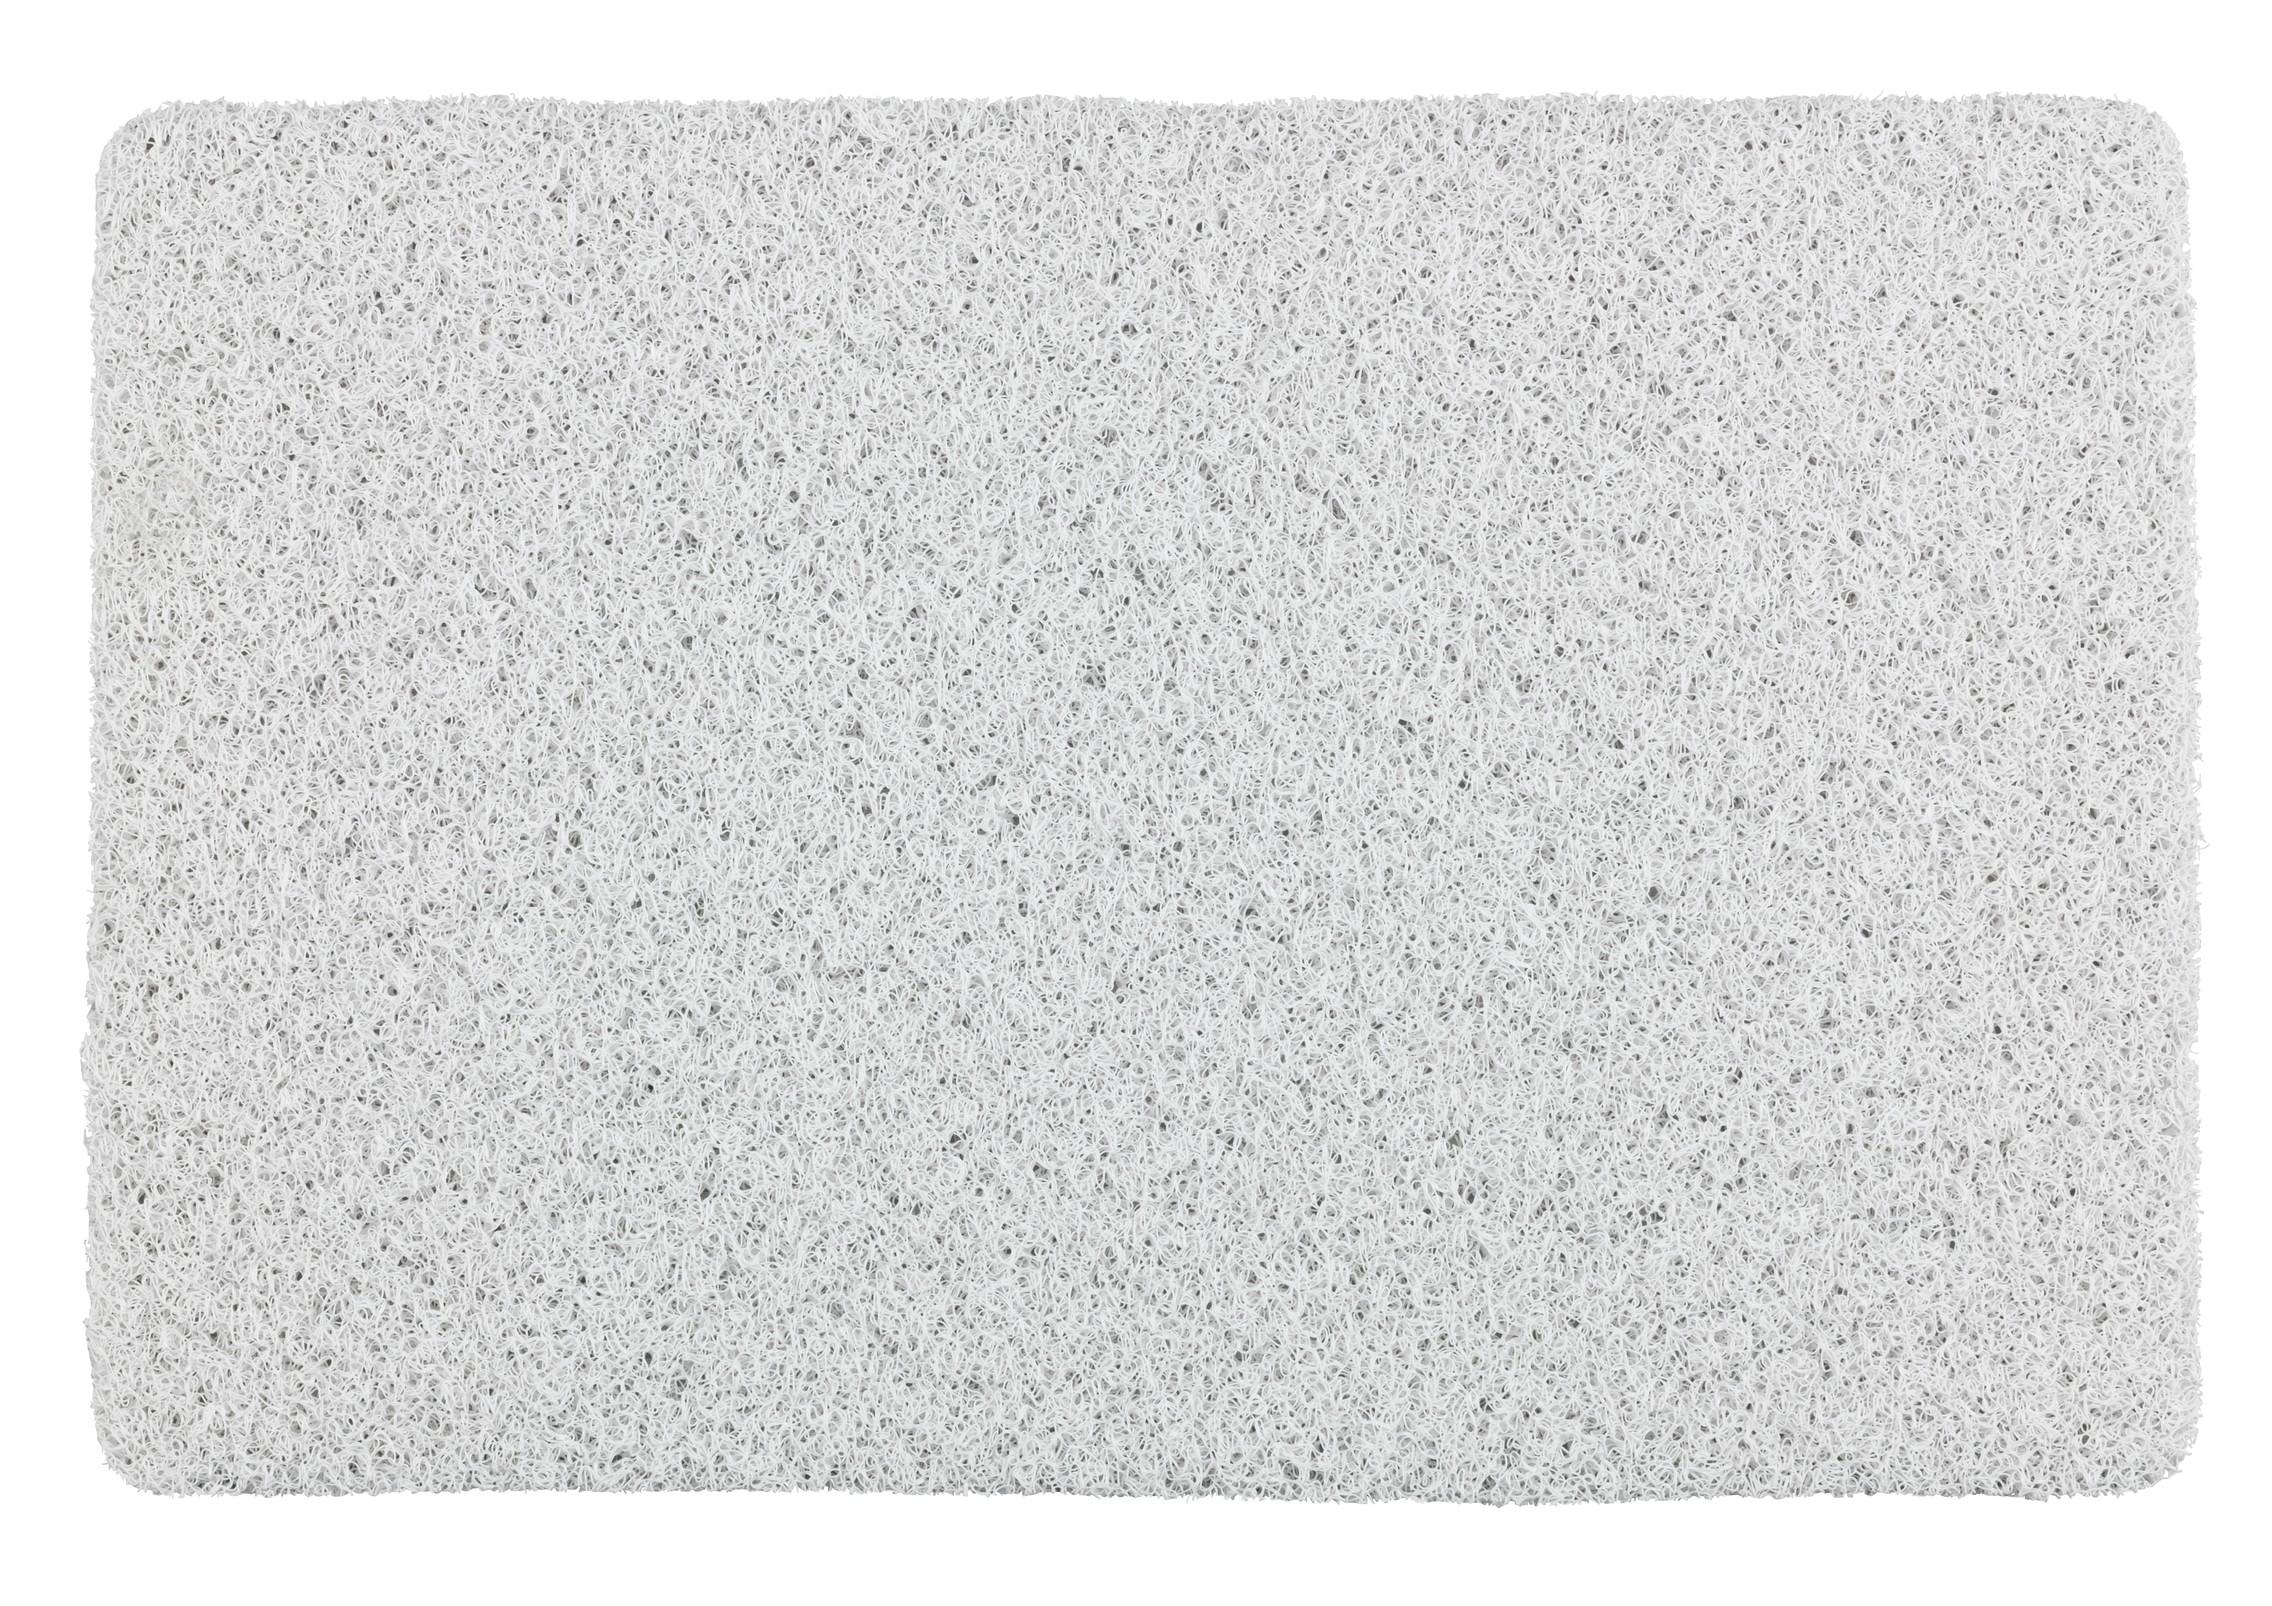 Wenko Badematte Loop Indoor & Outdoor Weiß, 40 x 60 cm